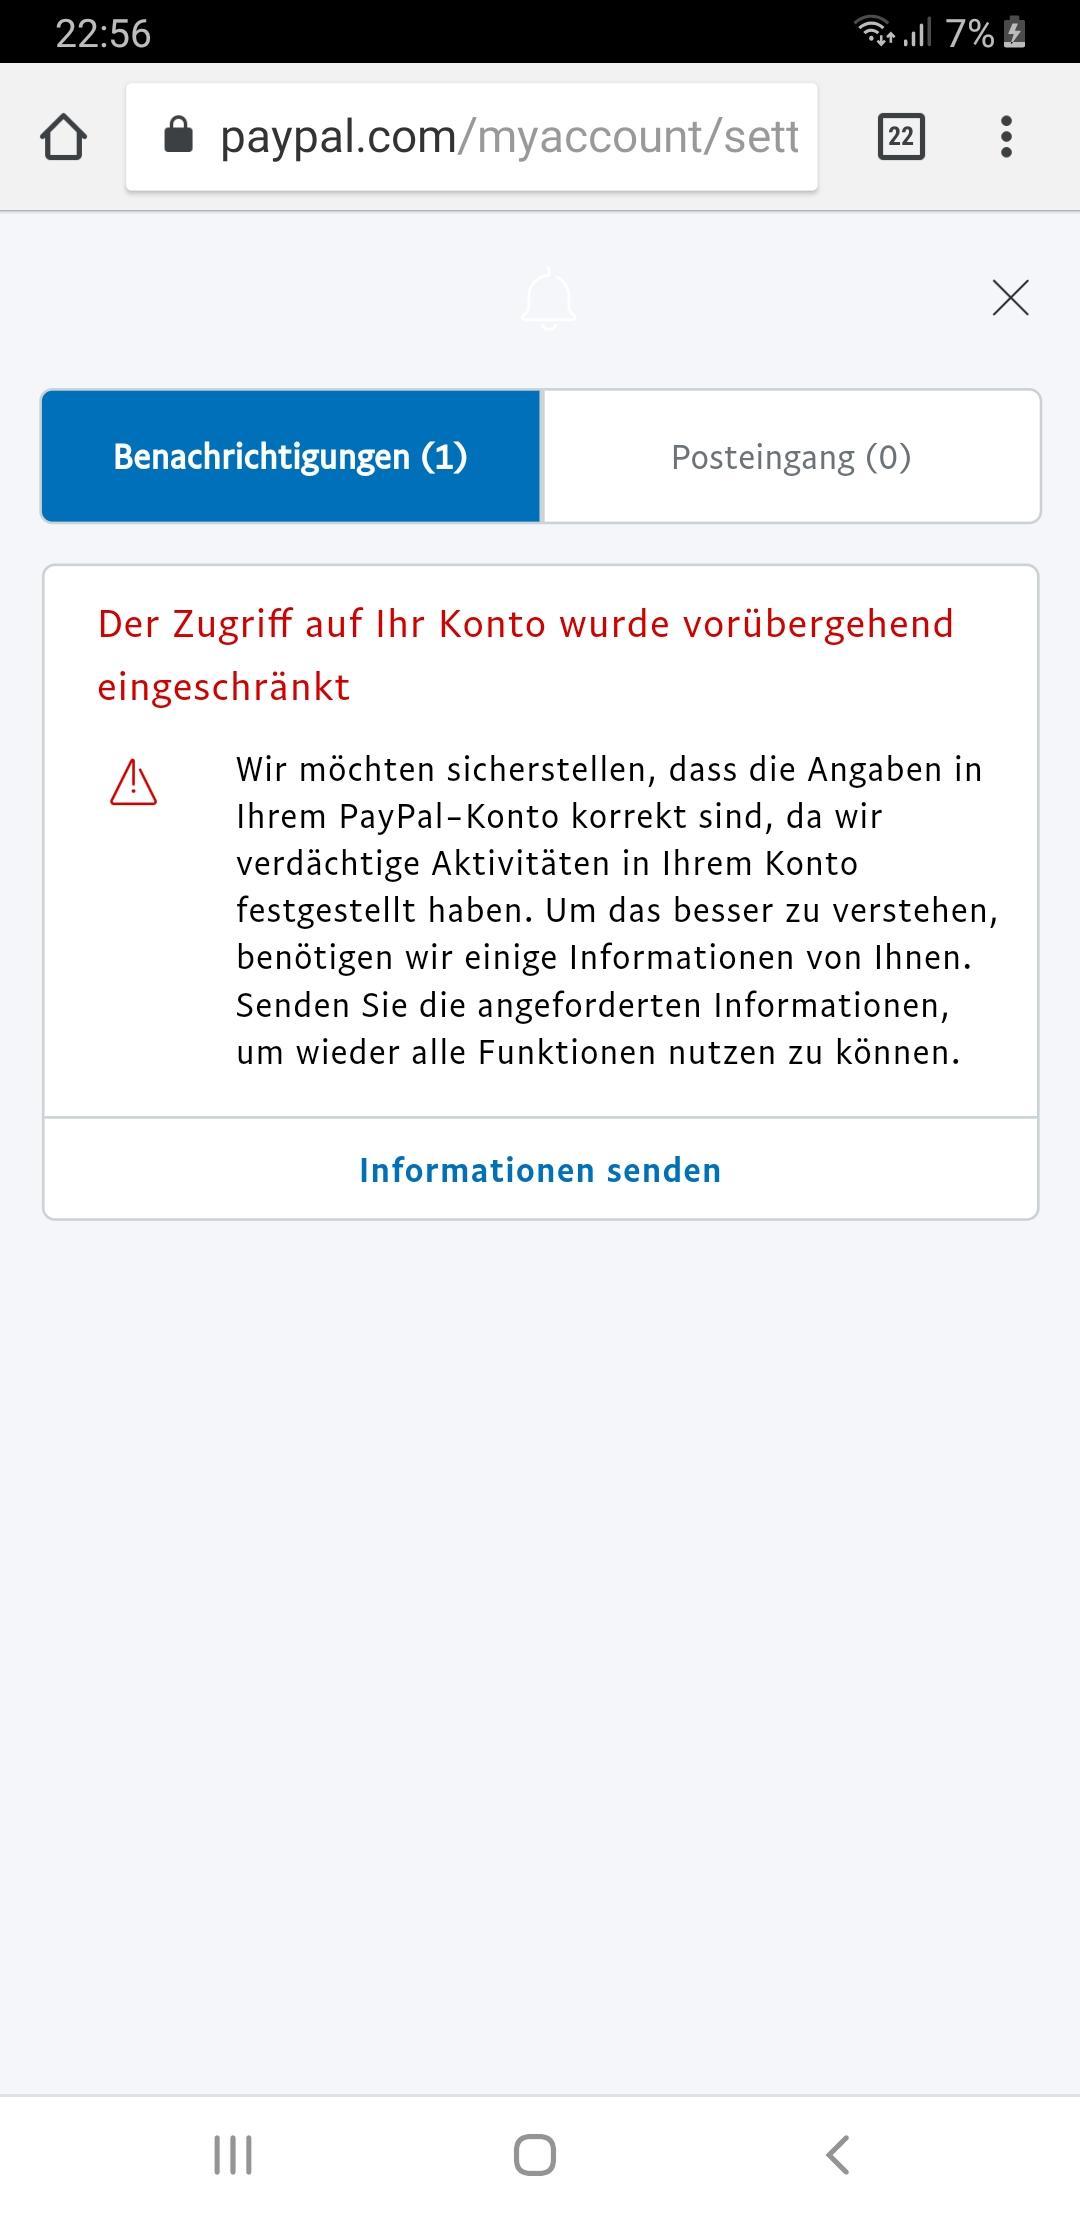 Paypal Account sofort nach Erstellung gesperrt? (Geld